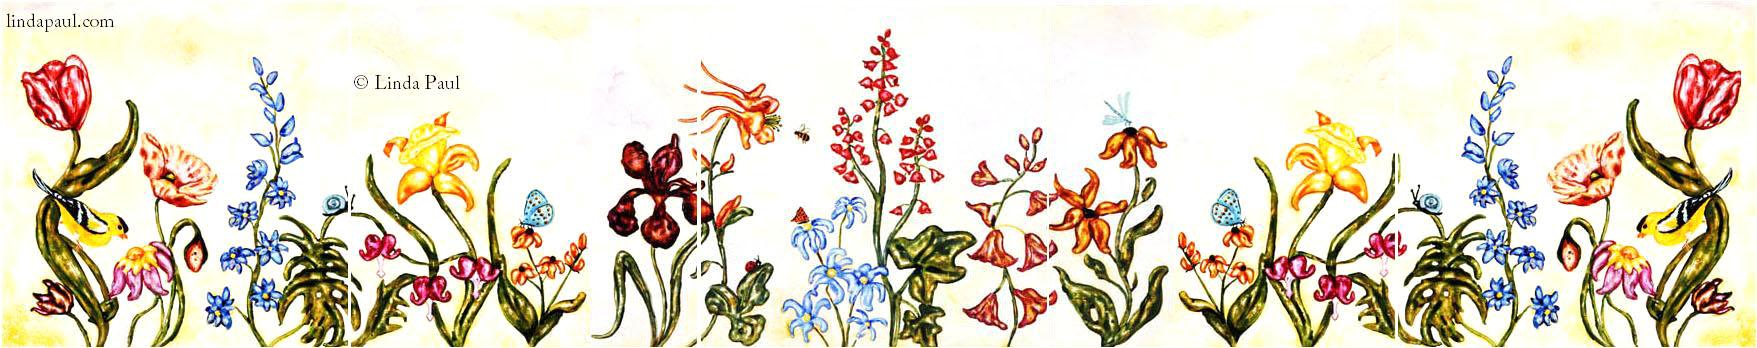 Flower Garden Tile Murals Backsplashes Of Flowers And Gardens